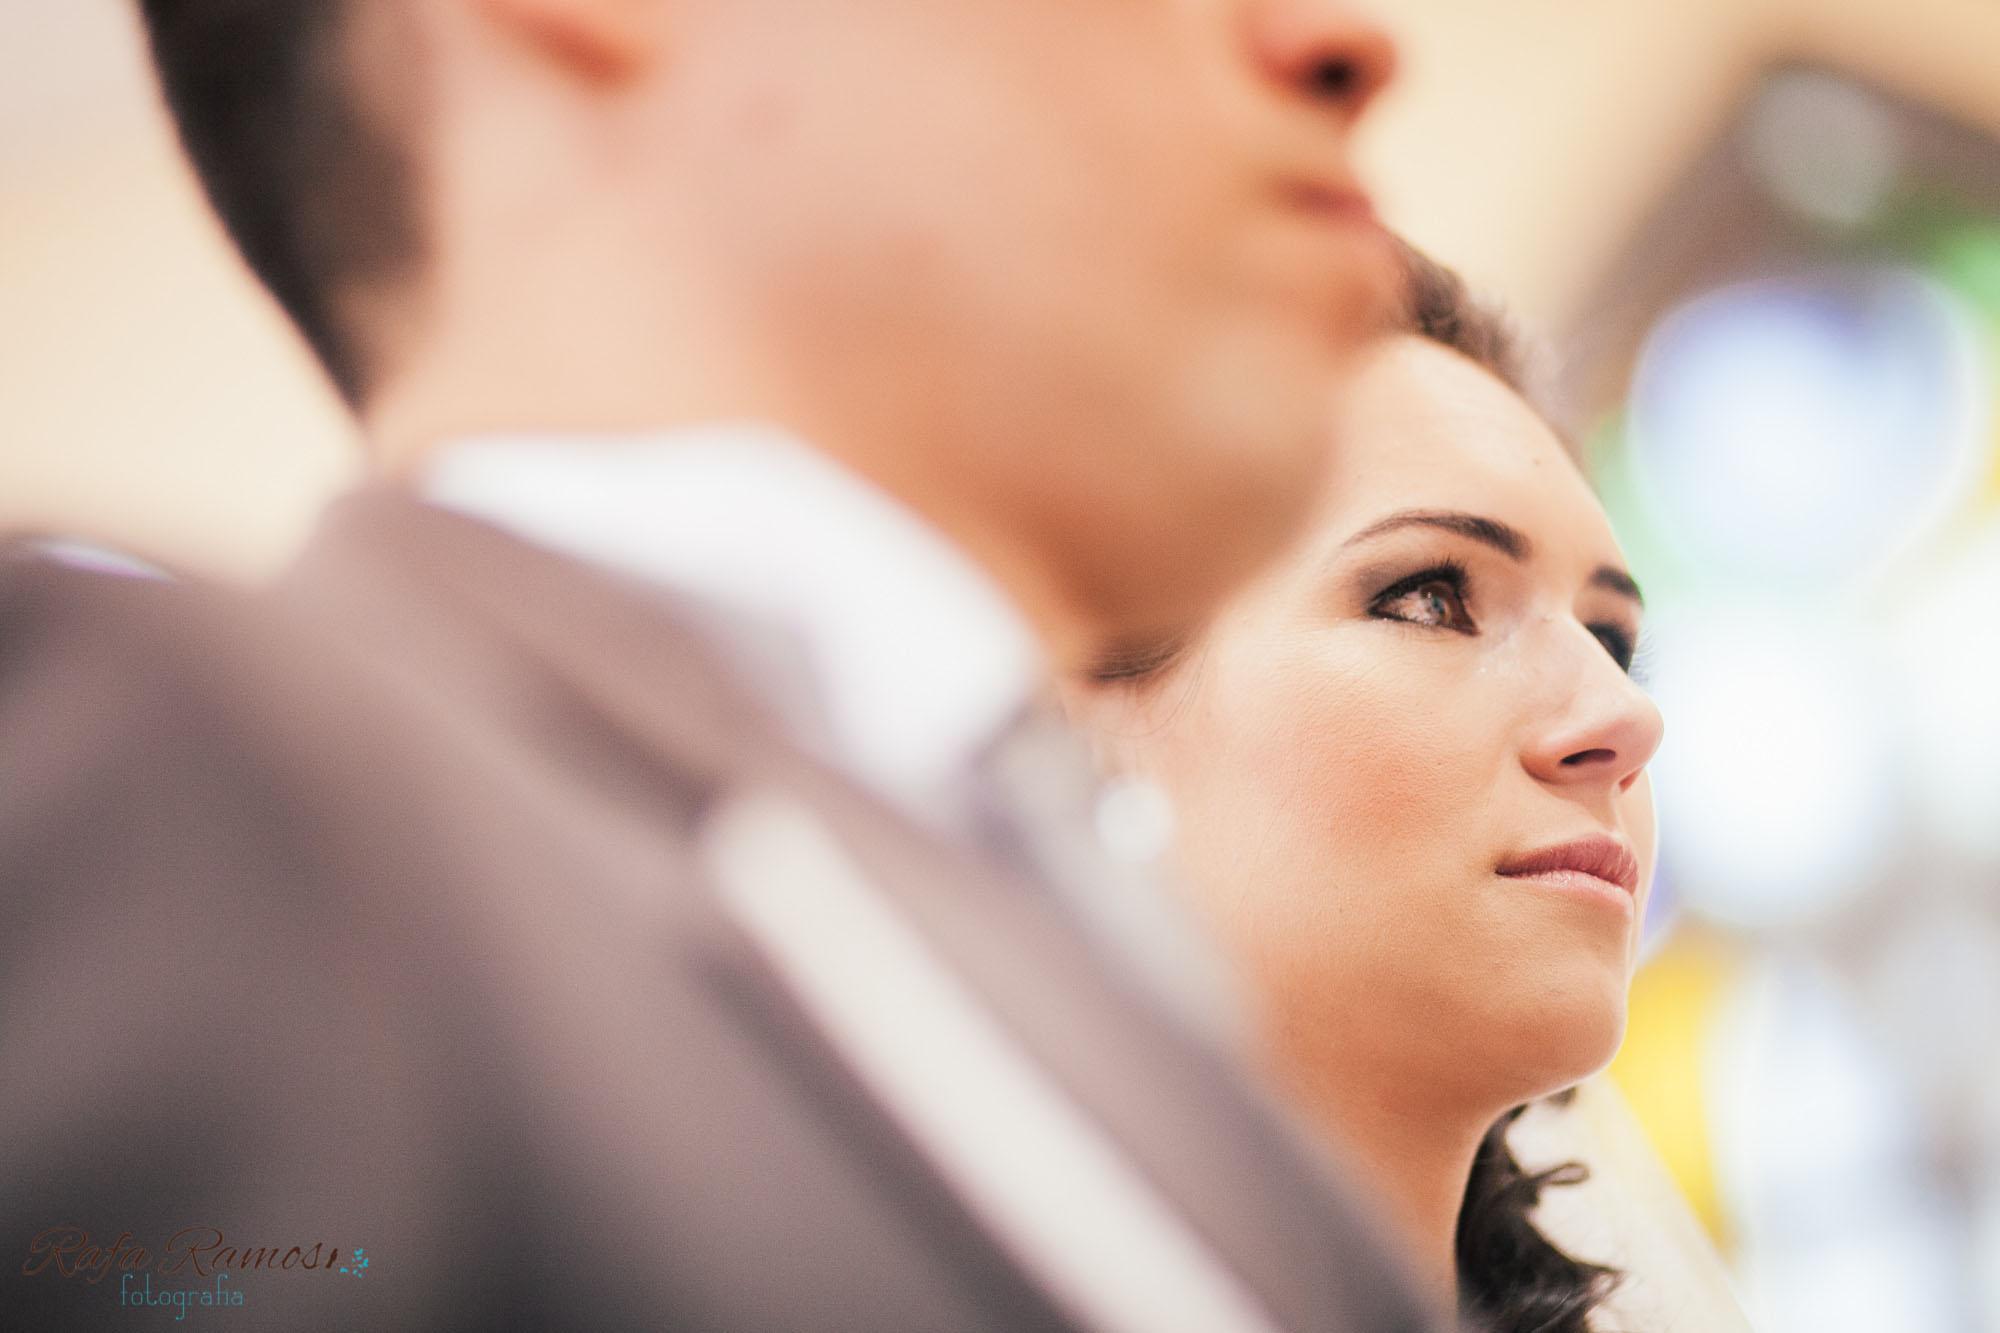 Fotografo de Casamento, Fotografia de Casamento , Fotografo Inspiration,Inspiration Photographer, Mini Wedding, Casamento em Arujá, casamento de dia, Arujá, zona oeste, fotojornalismo casamento, Casamento no quintal,Casamento em casa, Casamento, São paulo, SP, fotos de casamento, fotografo, casamento, noivos, noivo, noiva, fotografia de noivos, fotografia criativa, blog de fotografia, casamento sp, wedding photographer, Rafa Ramos Fotografia, Rafa Fotos, Rafa fotografo,Rafa Ramos photography29